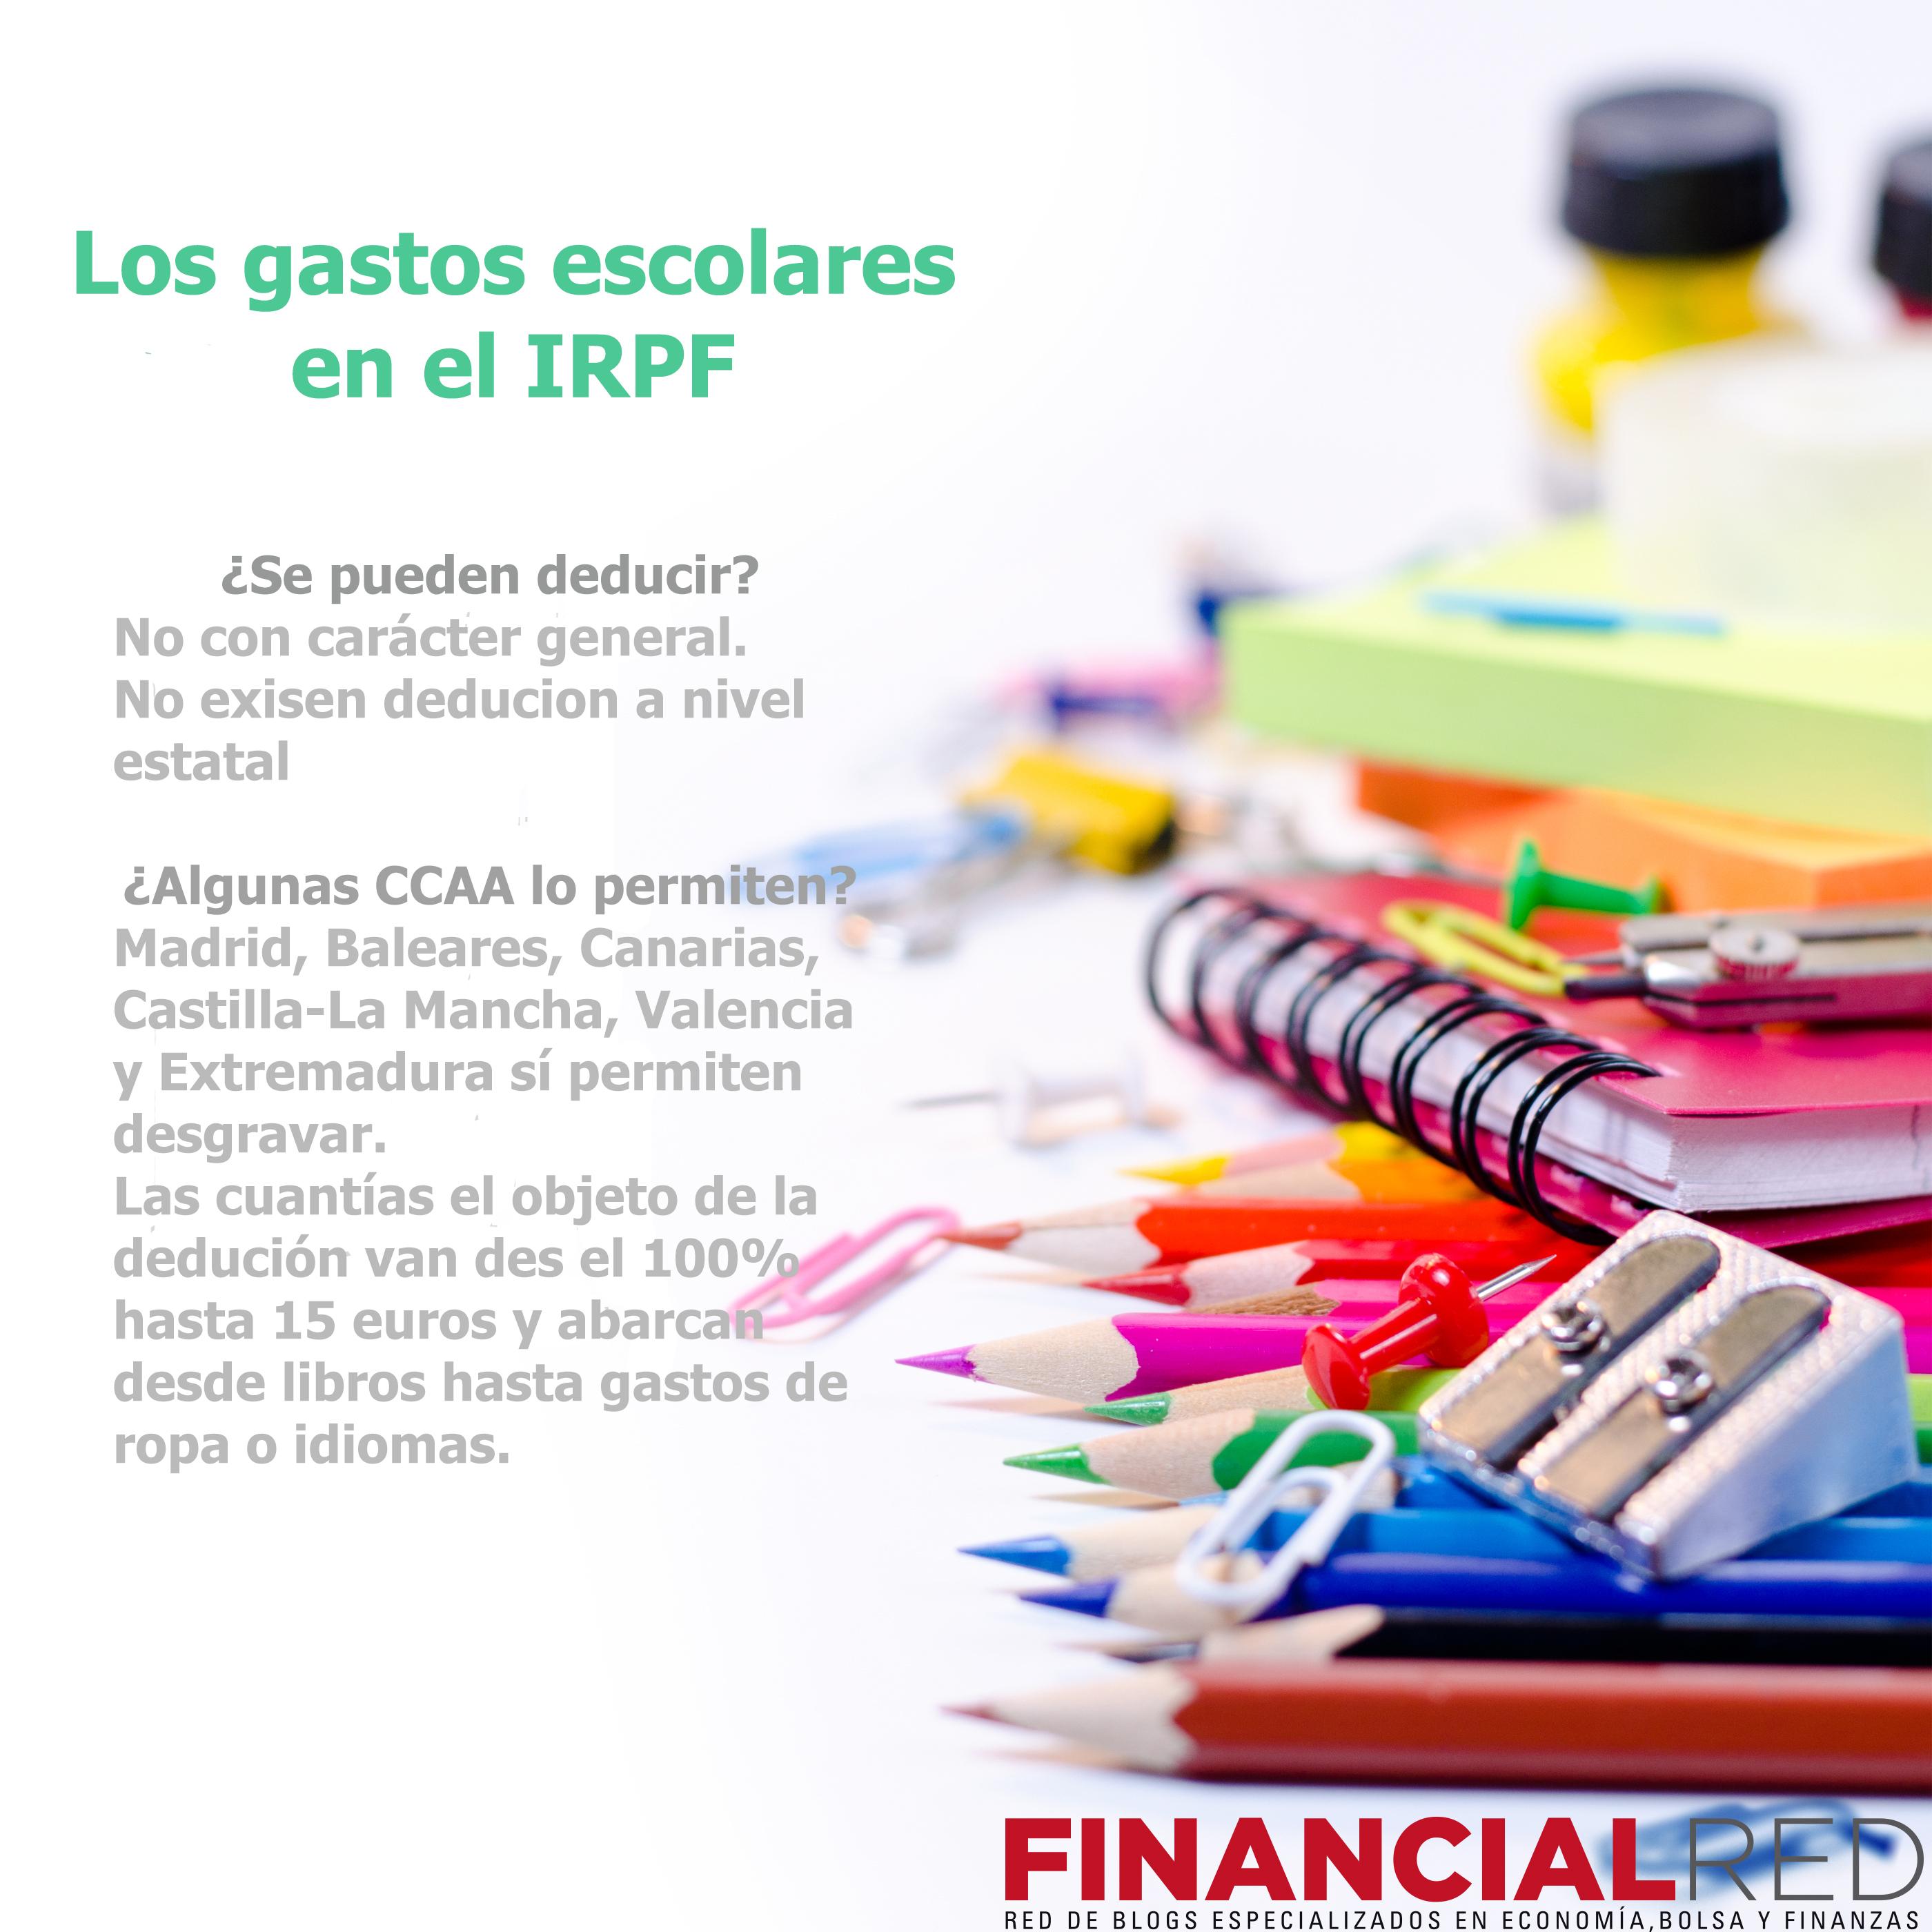 Deduccion por gastos escolares en el IRPF